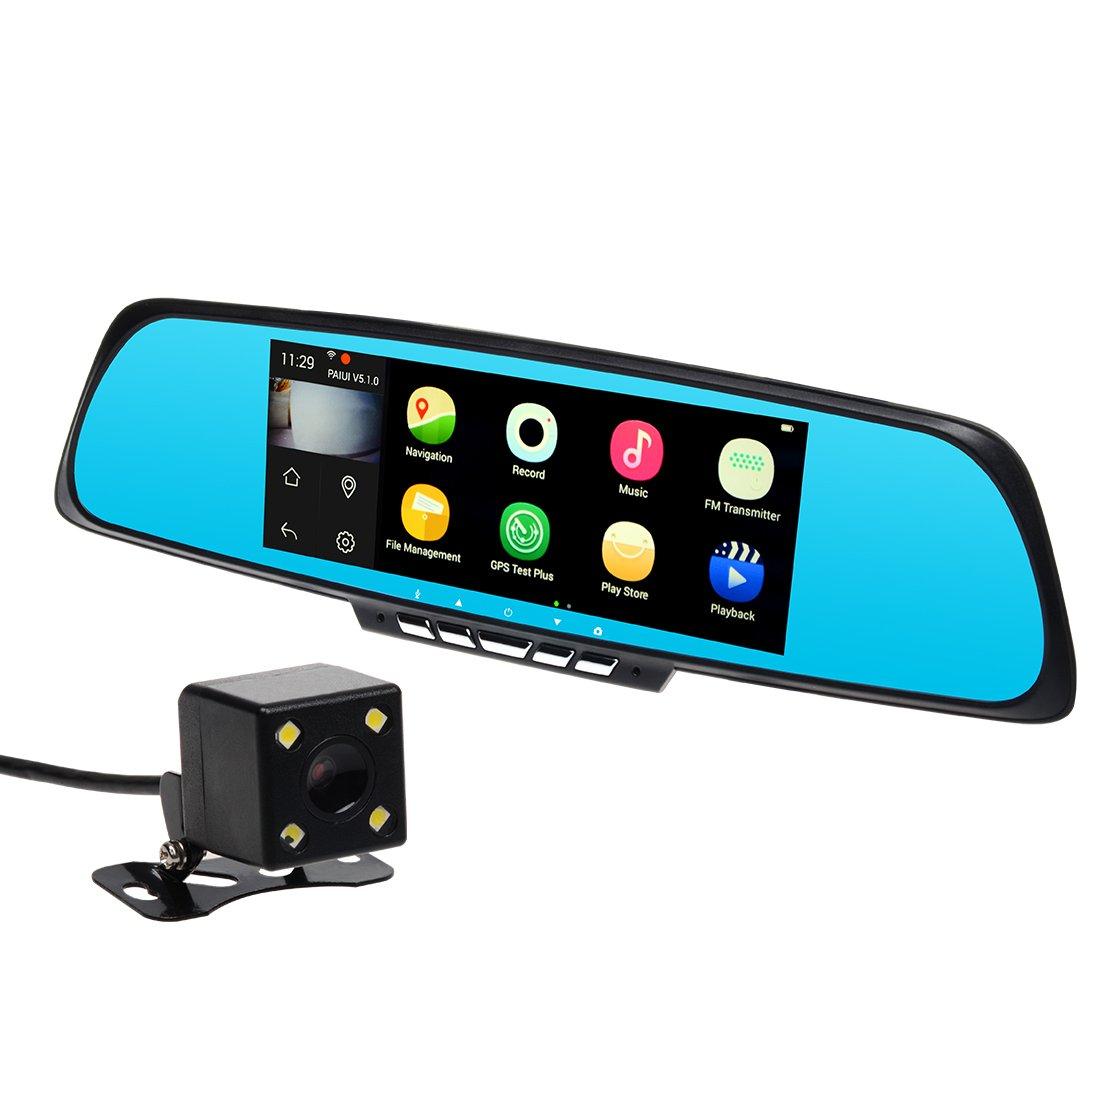 TOGUARD Caméra Embarquée De Voiture WiFi Miroir Intelligent De 7 Pouces Caméra De Recul Navigation GPS SAT NAV, Double Objectif 1080P HD DASHCAM, Rétroviseur Écran Tactile Caméra De S